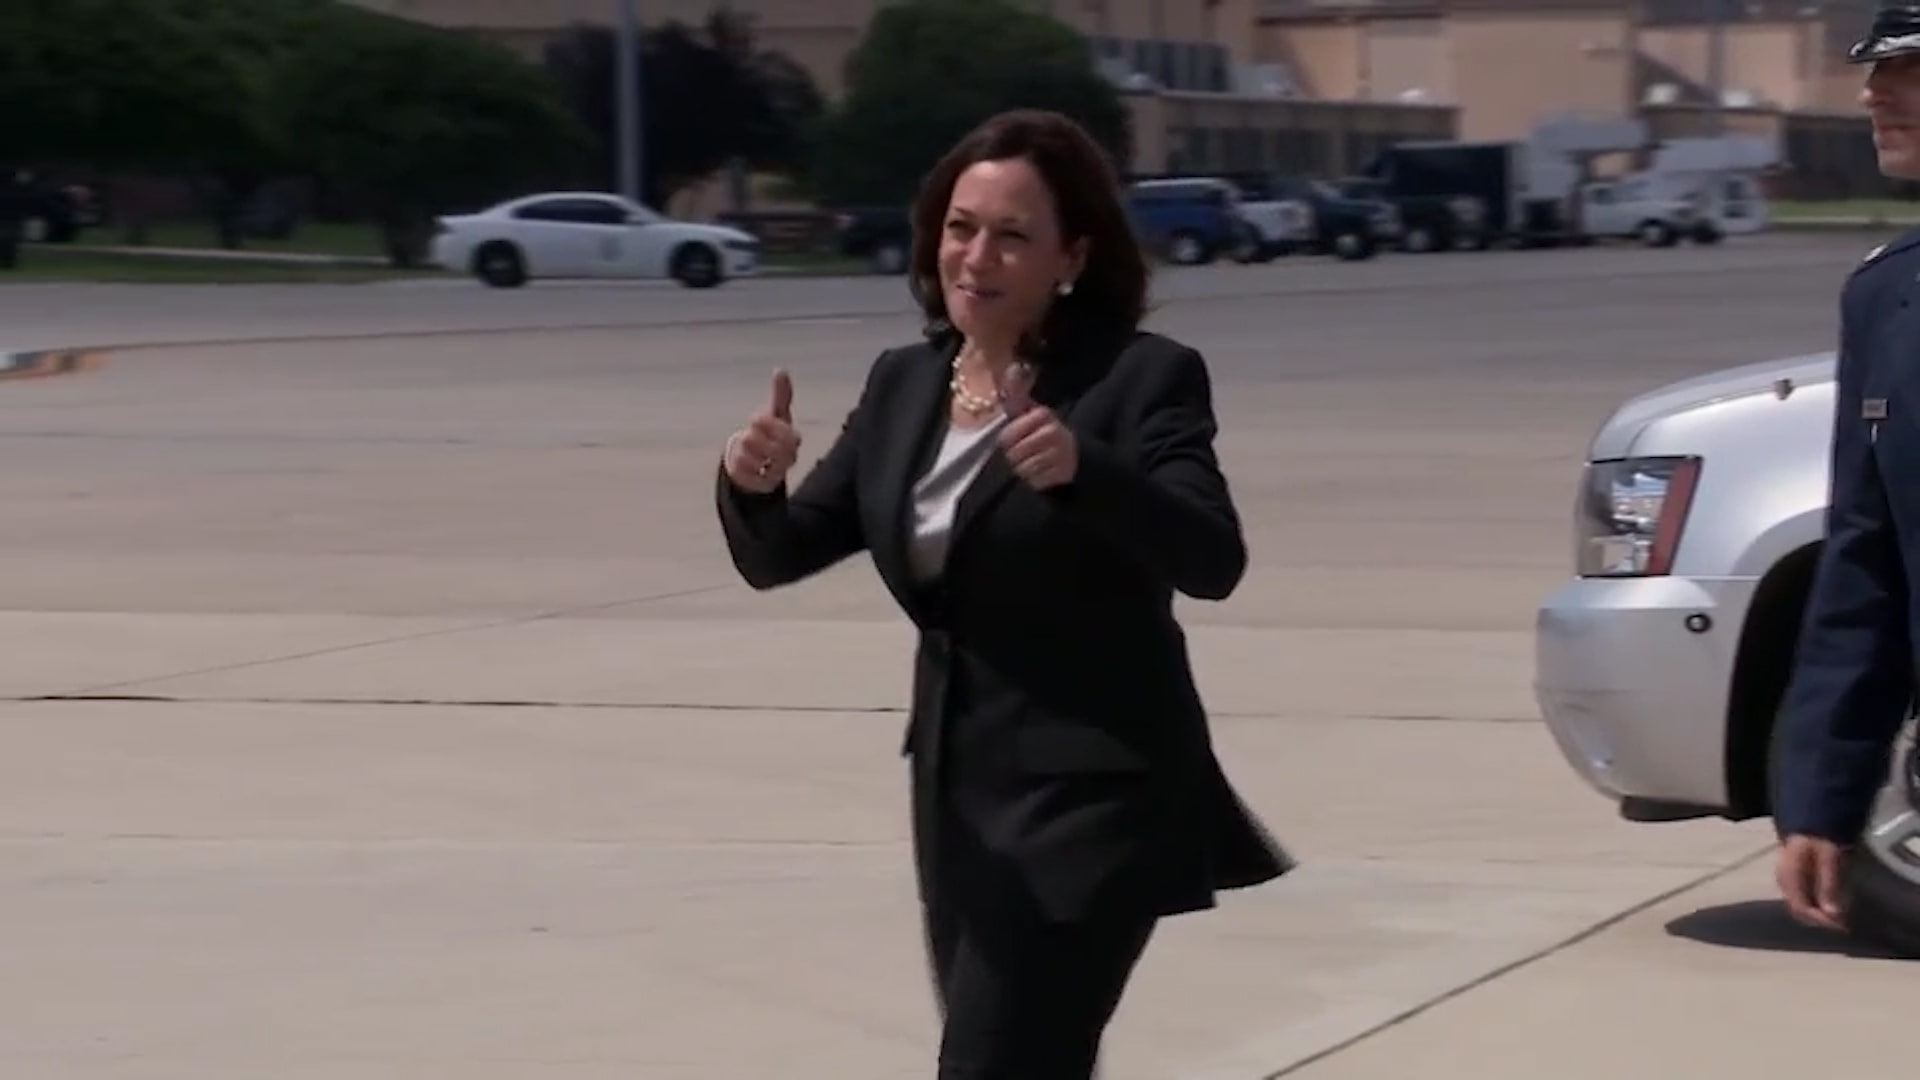 طائرة كمالا هاريس تعود إلى القاعدة الجوية بعد مشكلة تقنية